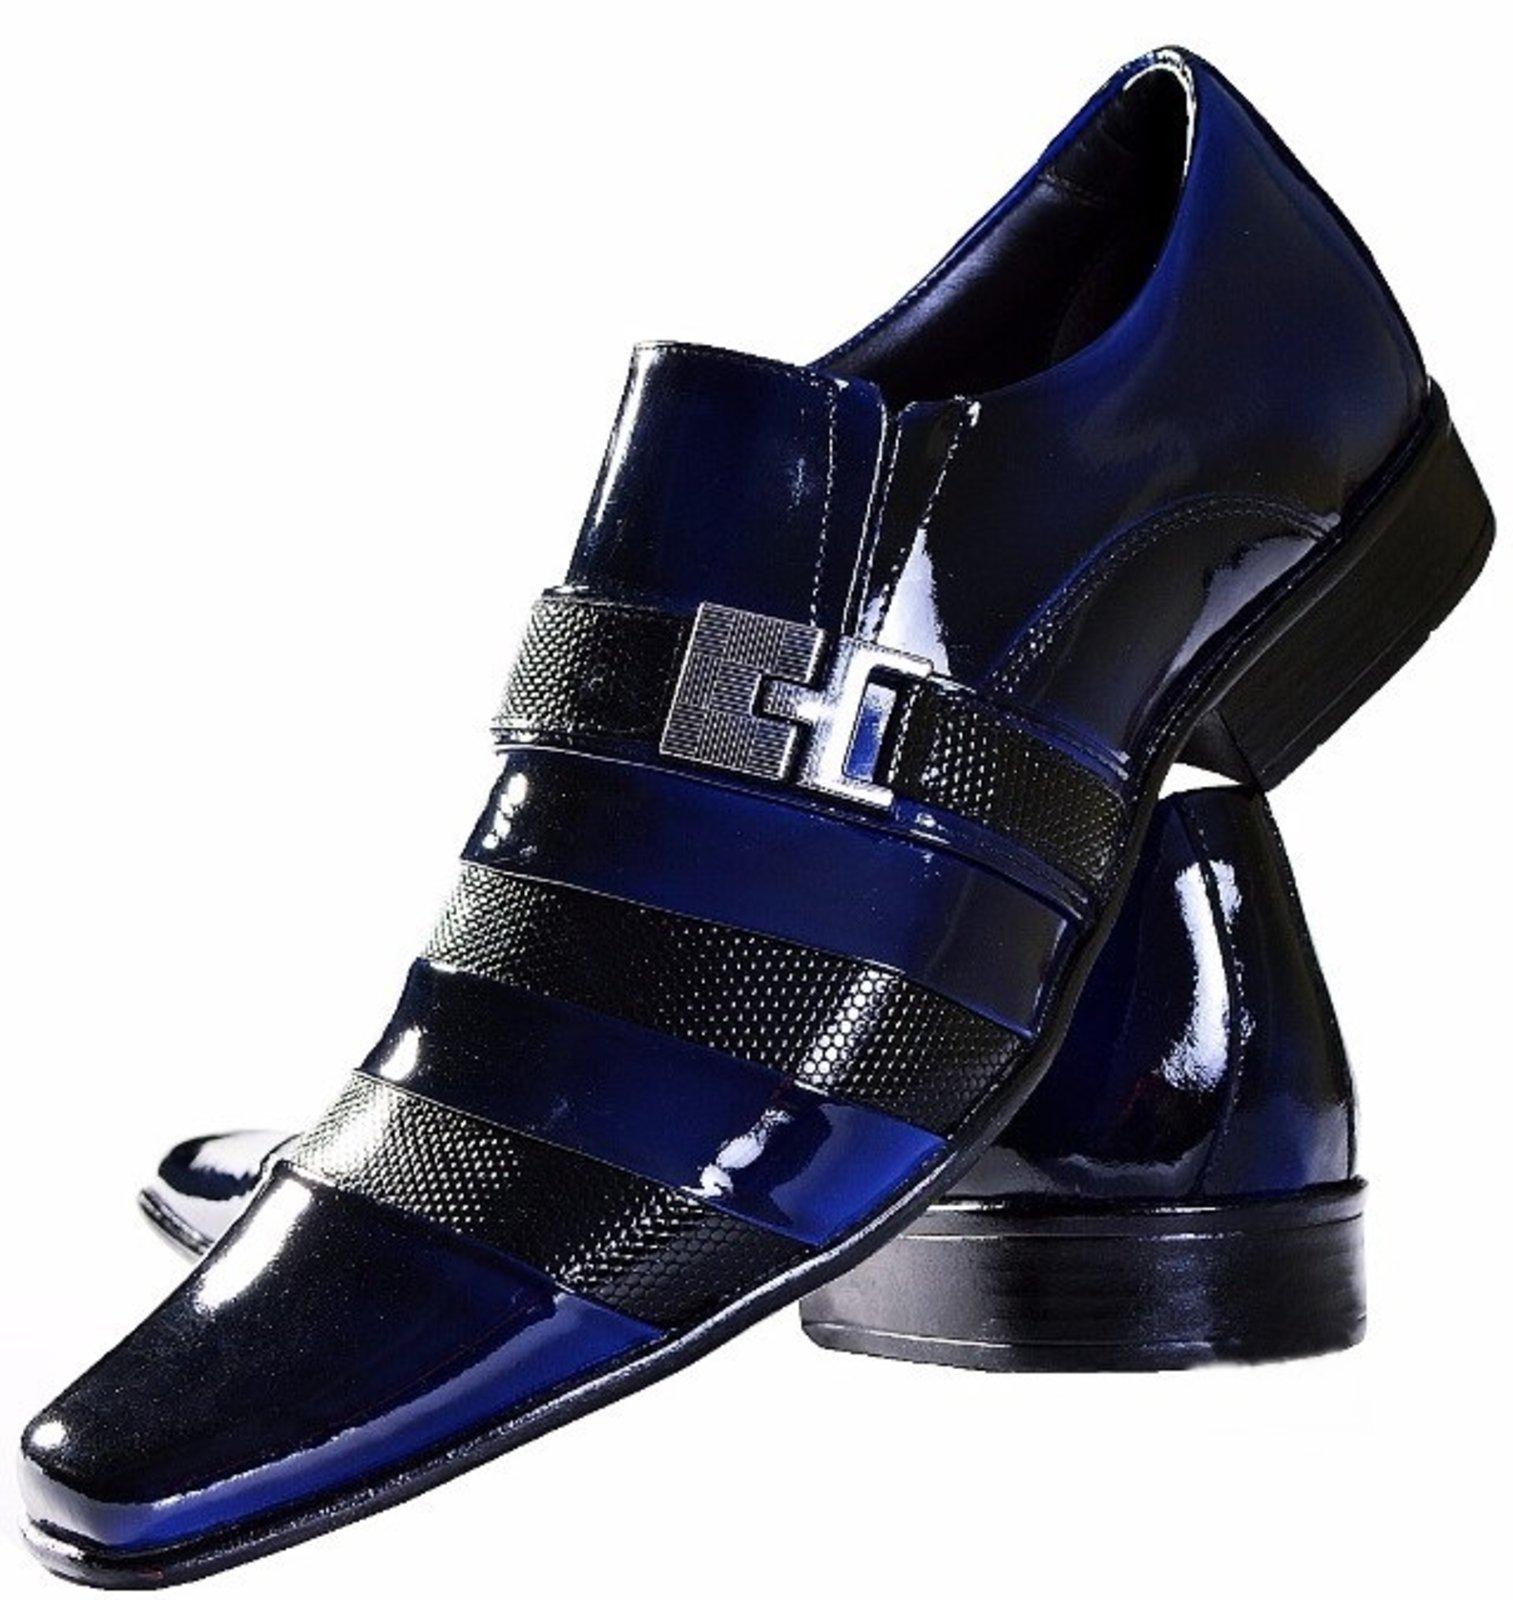 908c50ff9 Sapato Social De Verniz Azul Com Preto Gofer | BOOTSHOES